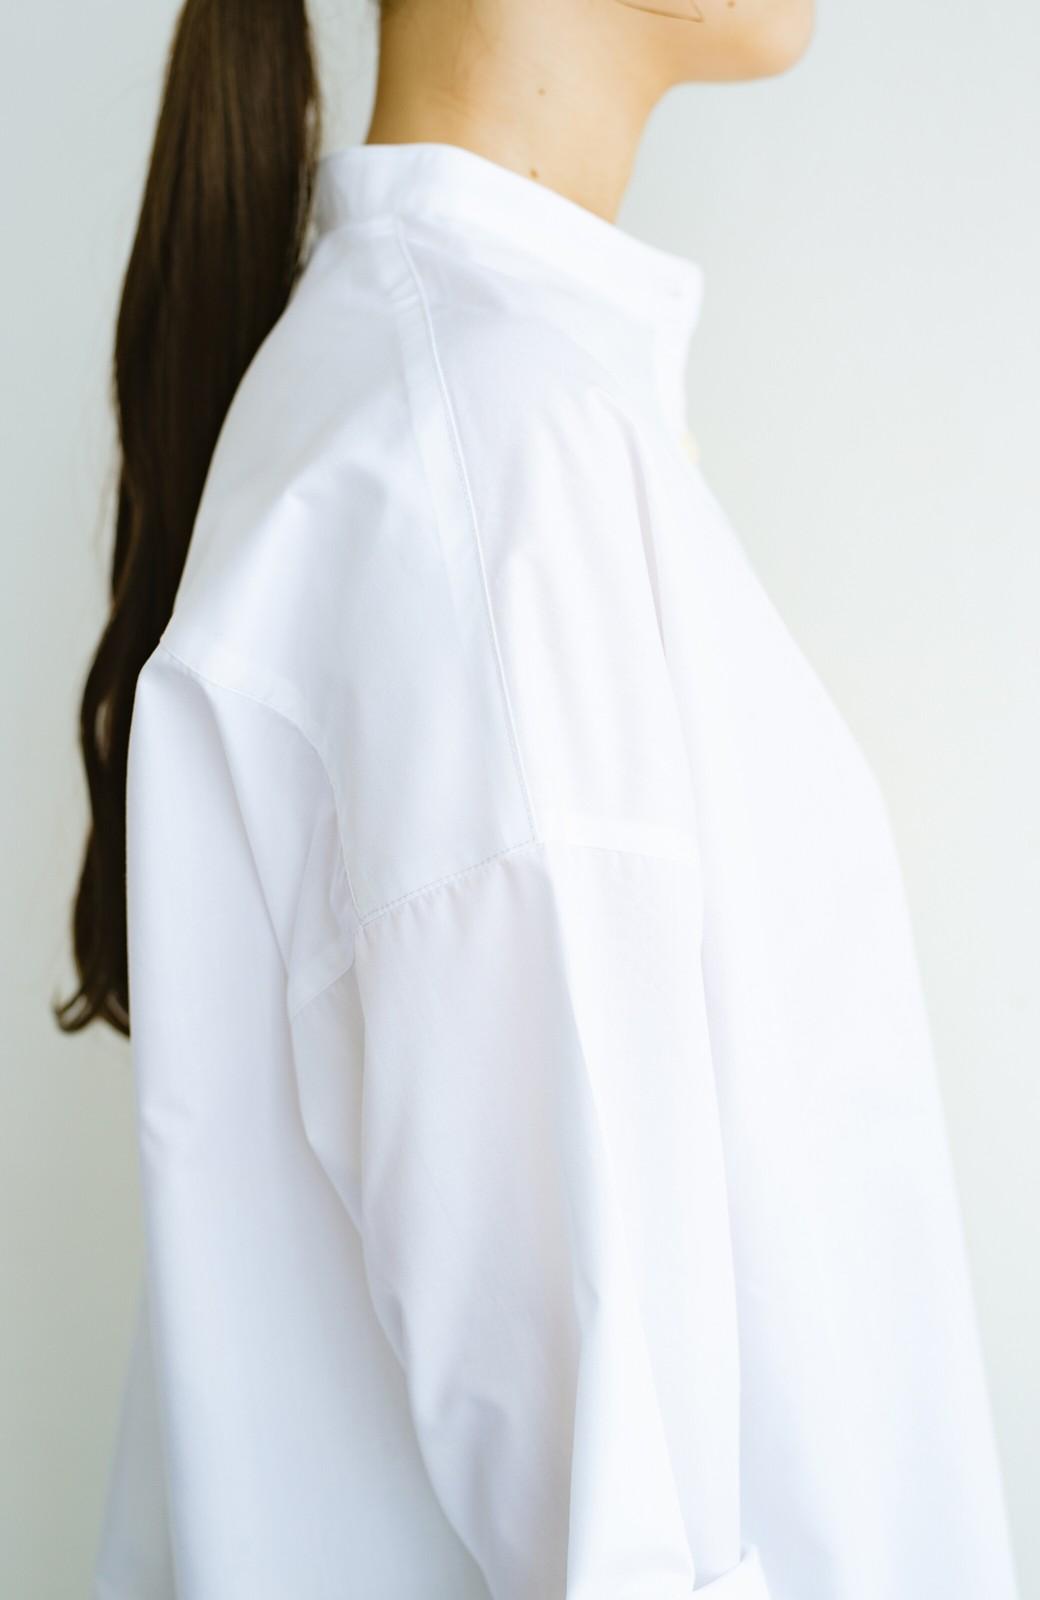 haco! 【あまる肩幅党】肩幅広めがなんのその! きちんと見えて肩まわりゆったりの定番スタンドカラーシャツ <ホワイト>の商品写真6